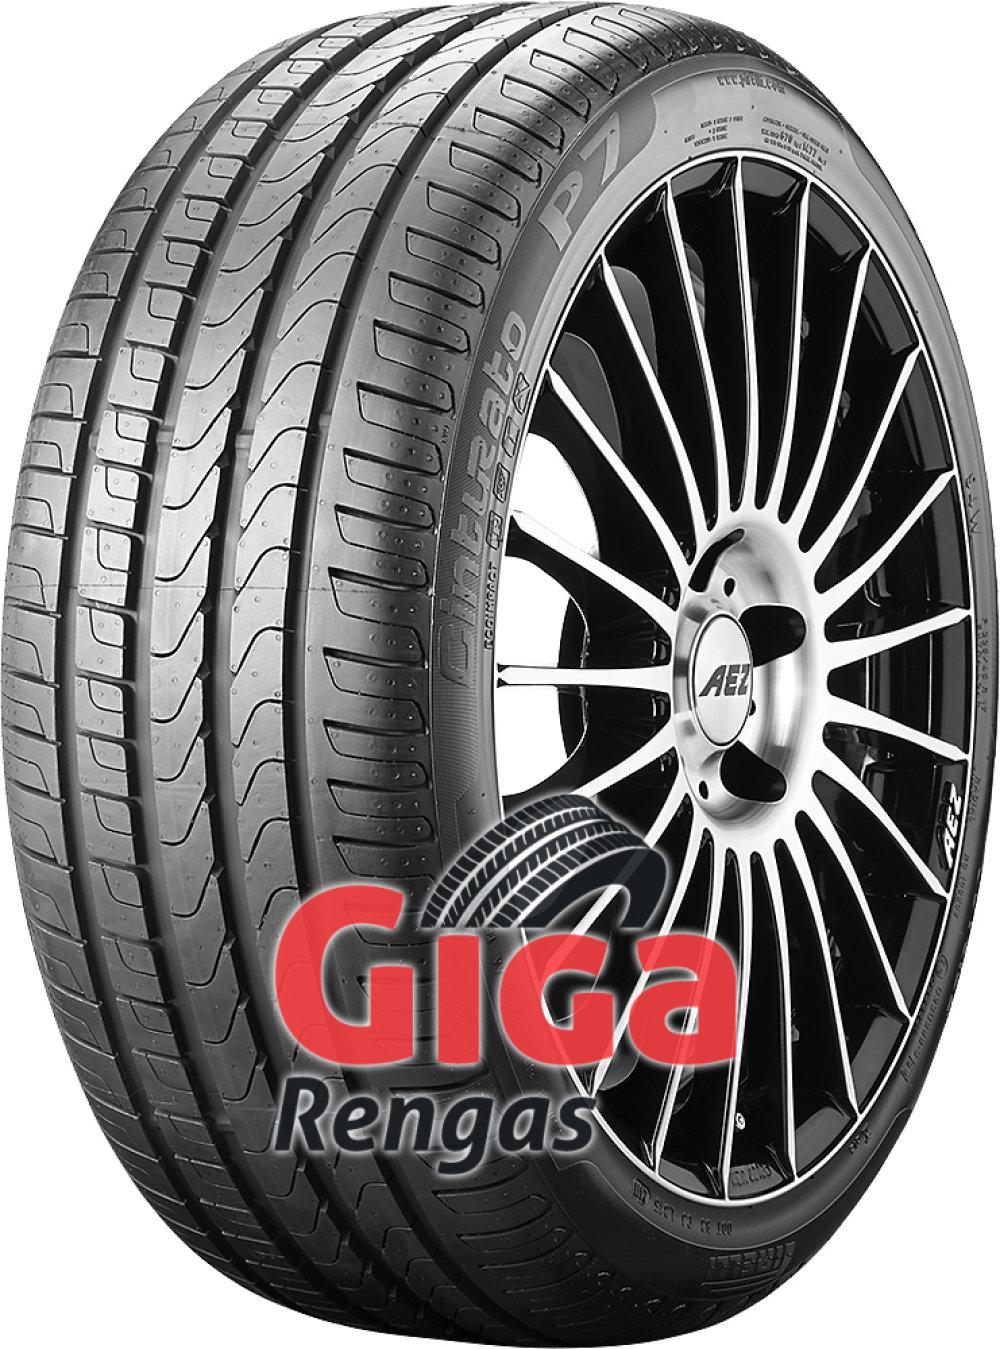 Pirelli Cinturato P7 ( 235/45 R17 94W Seal Inside, ECOIMPACT, vannesuojalla (MFS) )